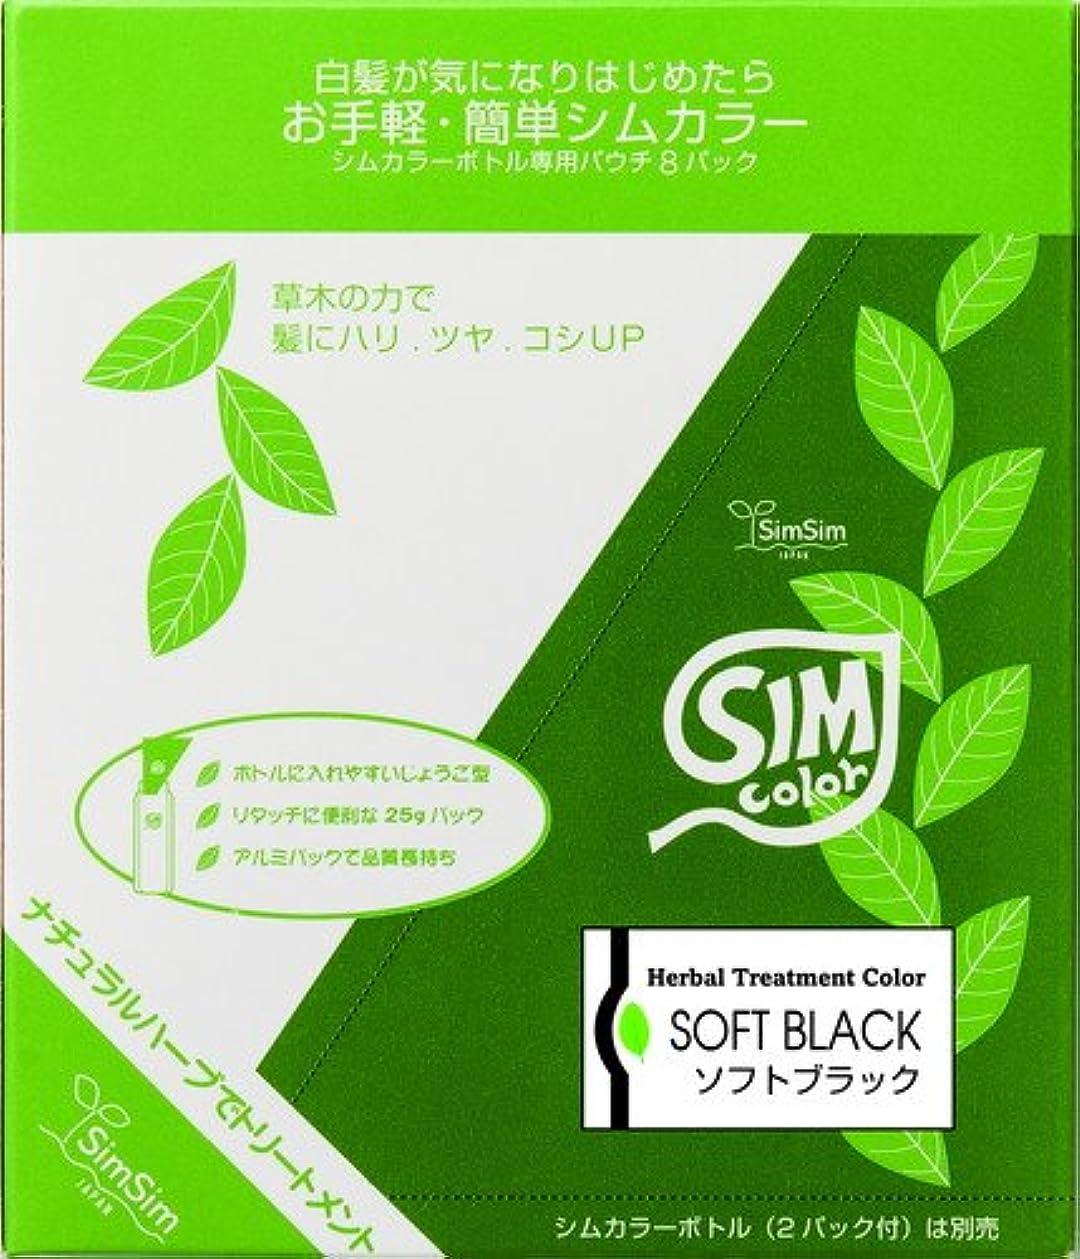 クッション最適メディアSimSim(シムシム)お手軽簡単シムカラーエクストラ(EX)25g 8袋 ソフトブラック